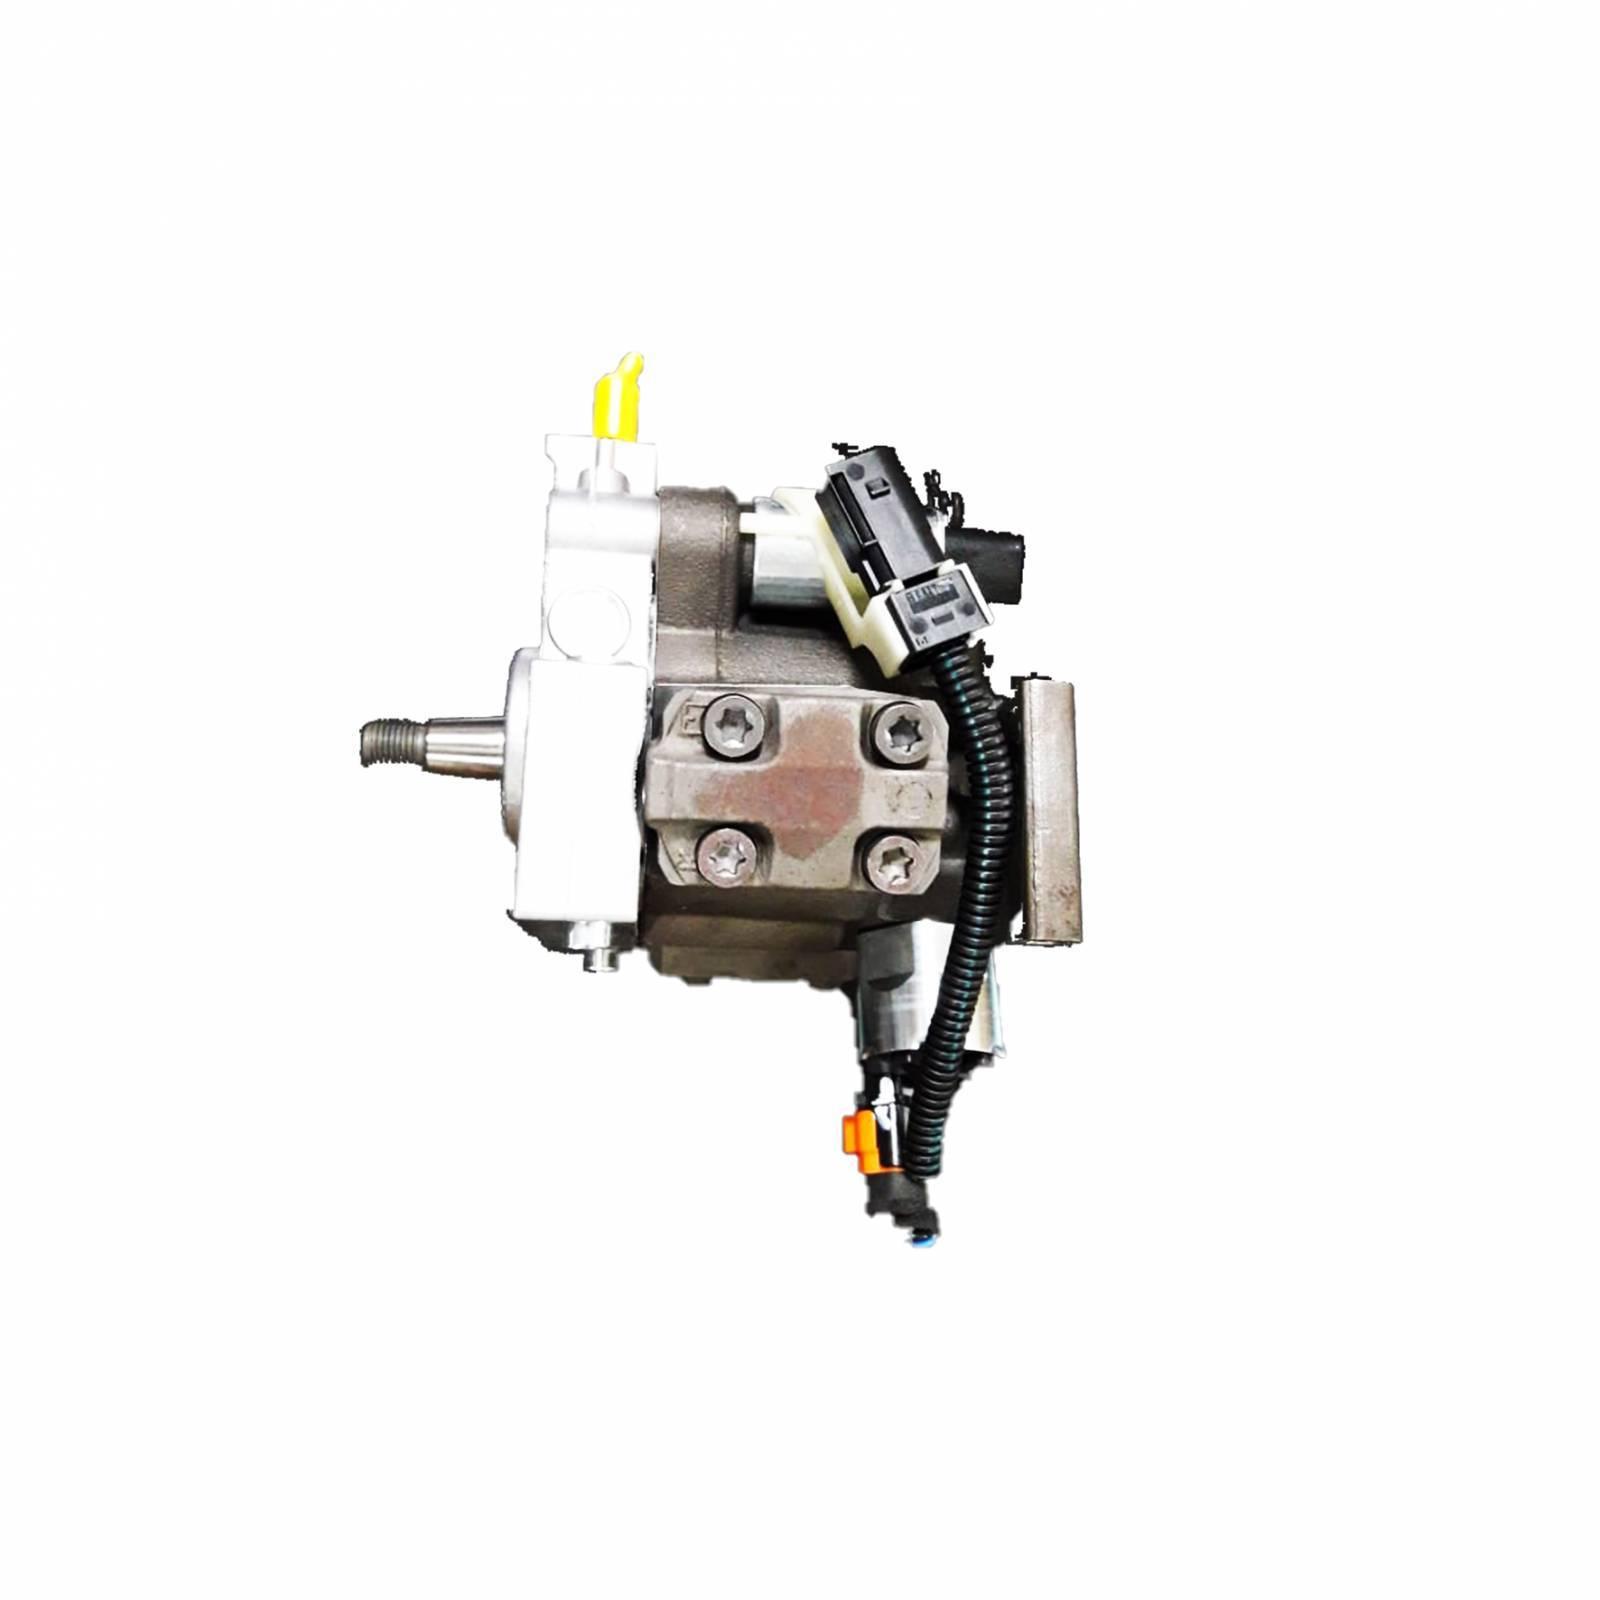 Bomba de Alta Pressão Land Rover Discovery 5WS40157 - Casa do Injetor